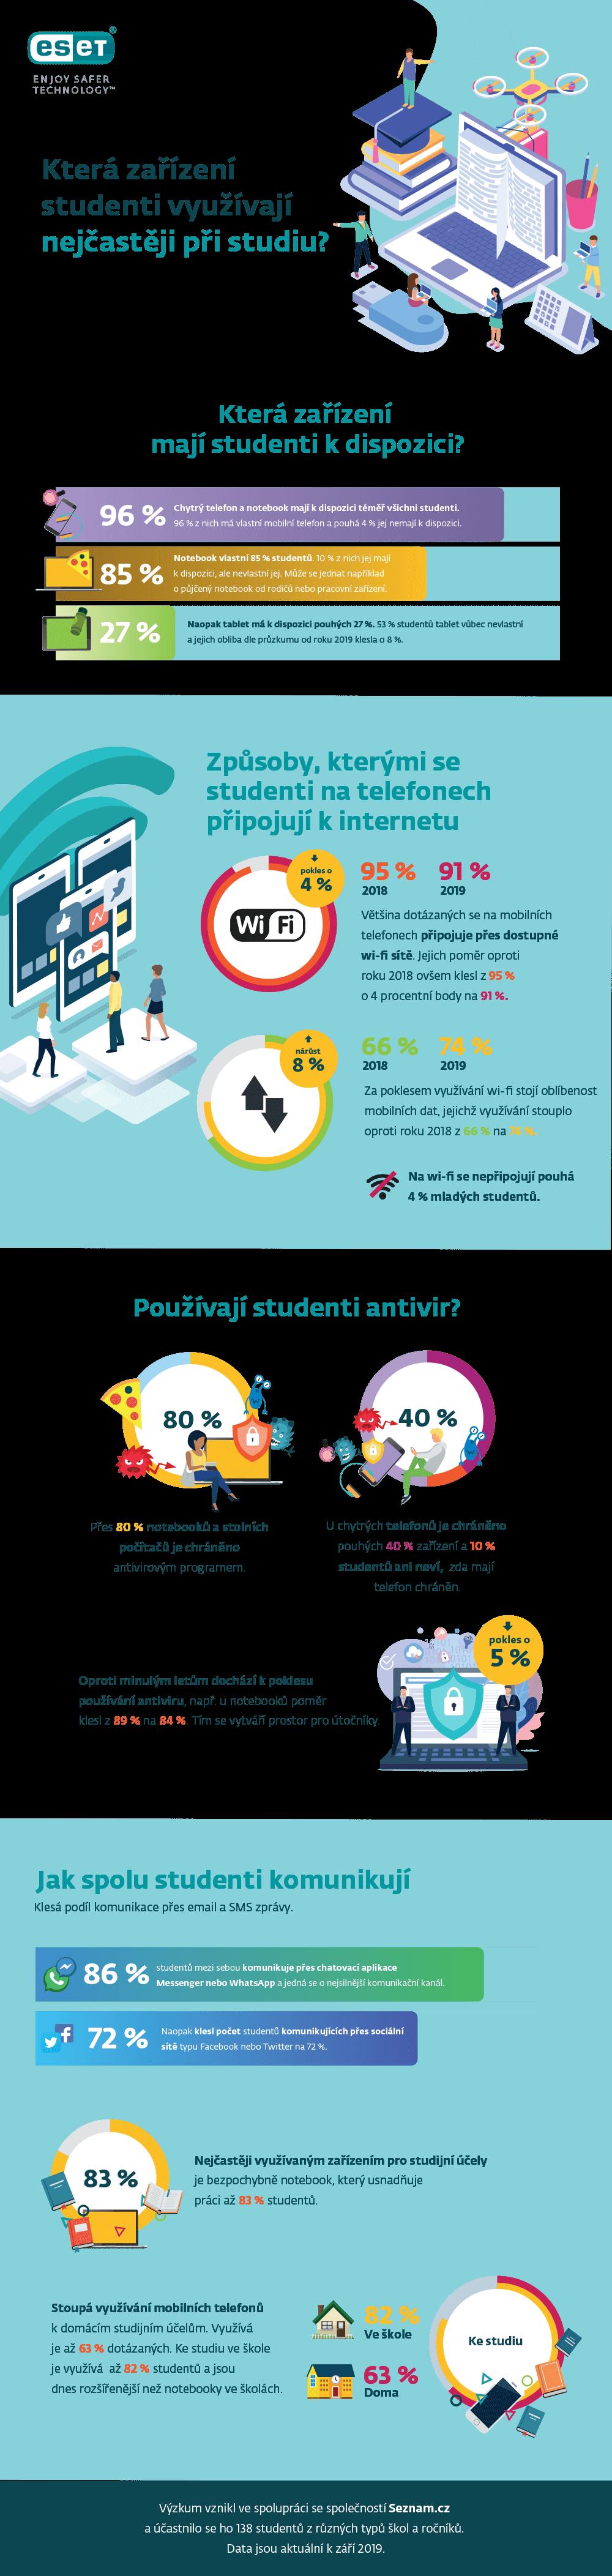 Která zařízení využívají studenti